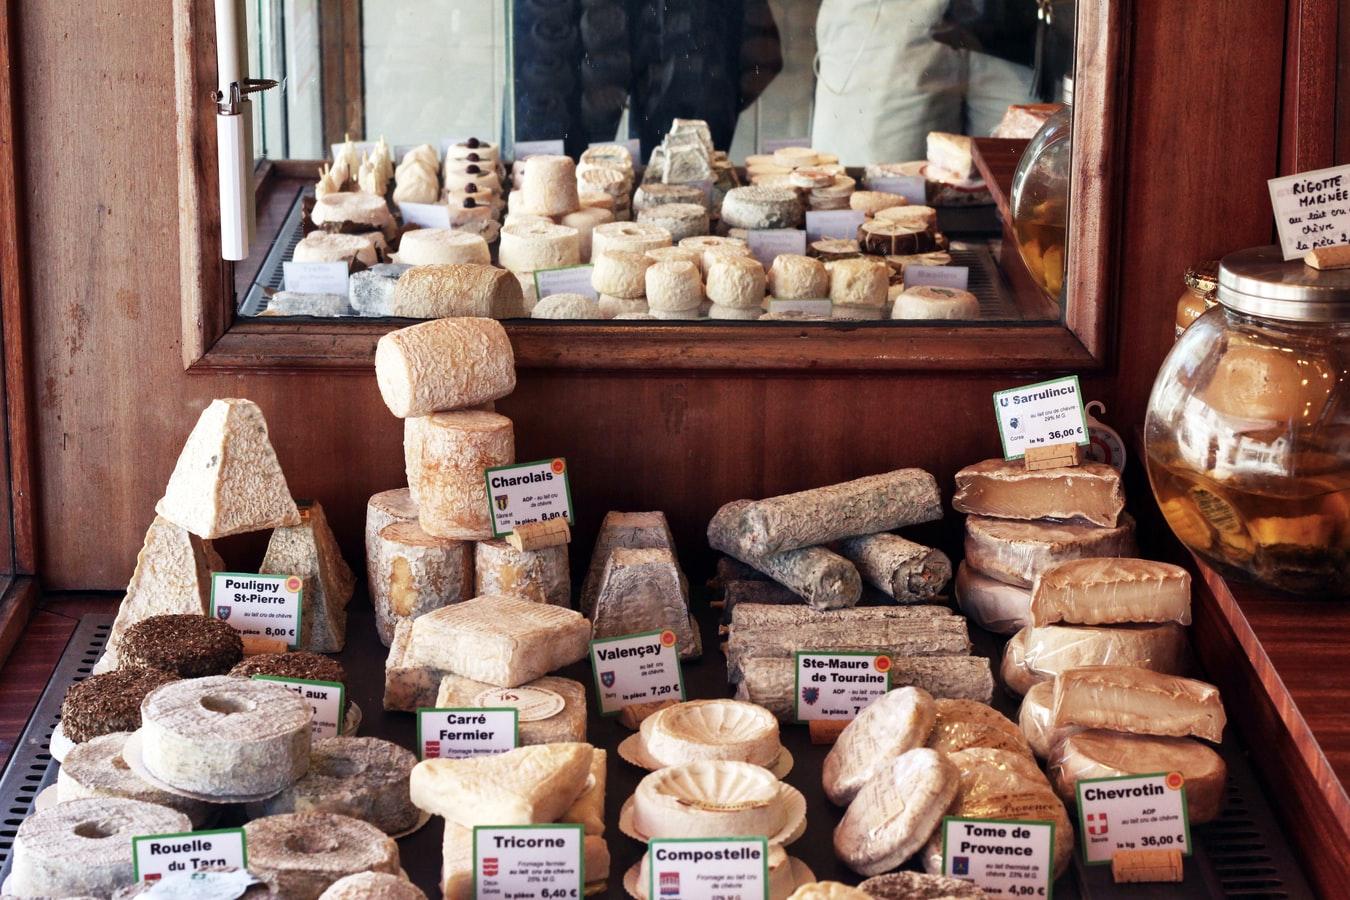 골목골목마다 귀여운 치즈 가게가 가득하다. Elisa Michelet on Unsplash